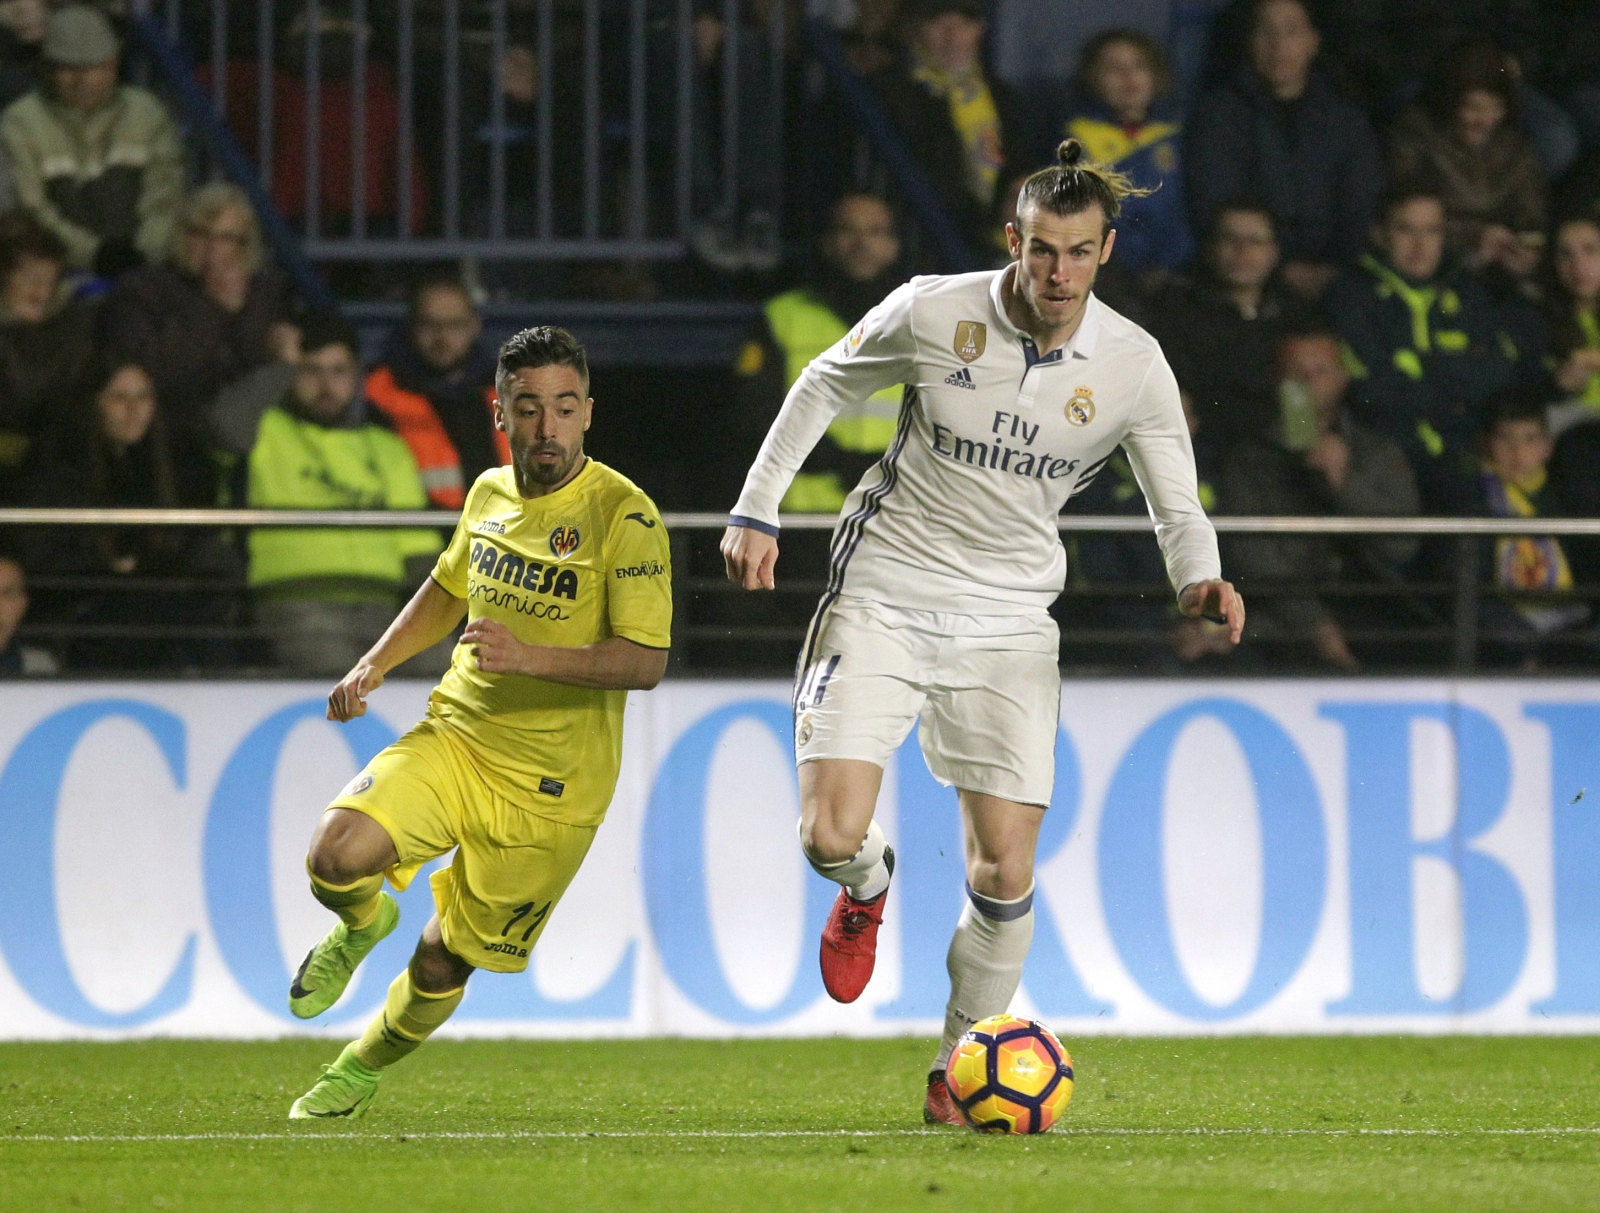 Jaume Costa & Gareth Bale